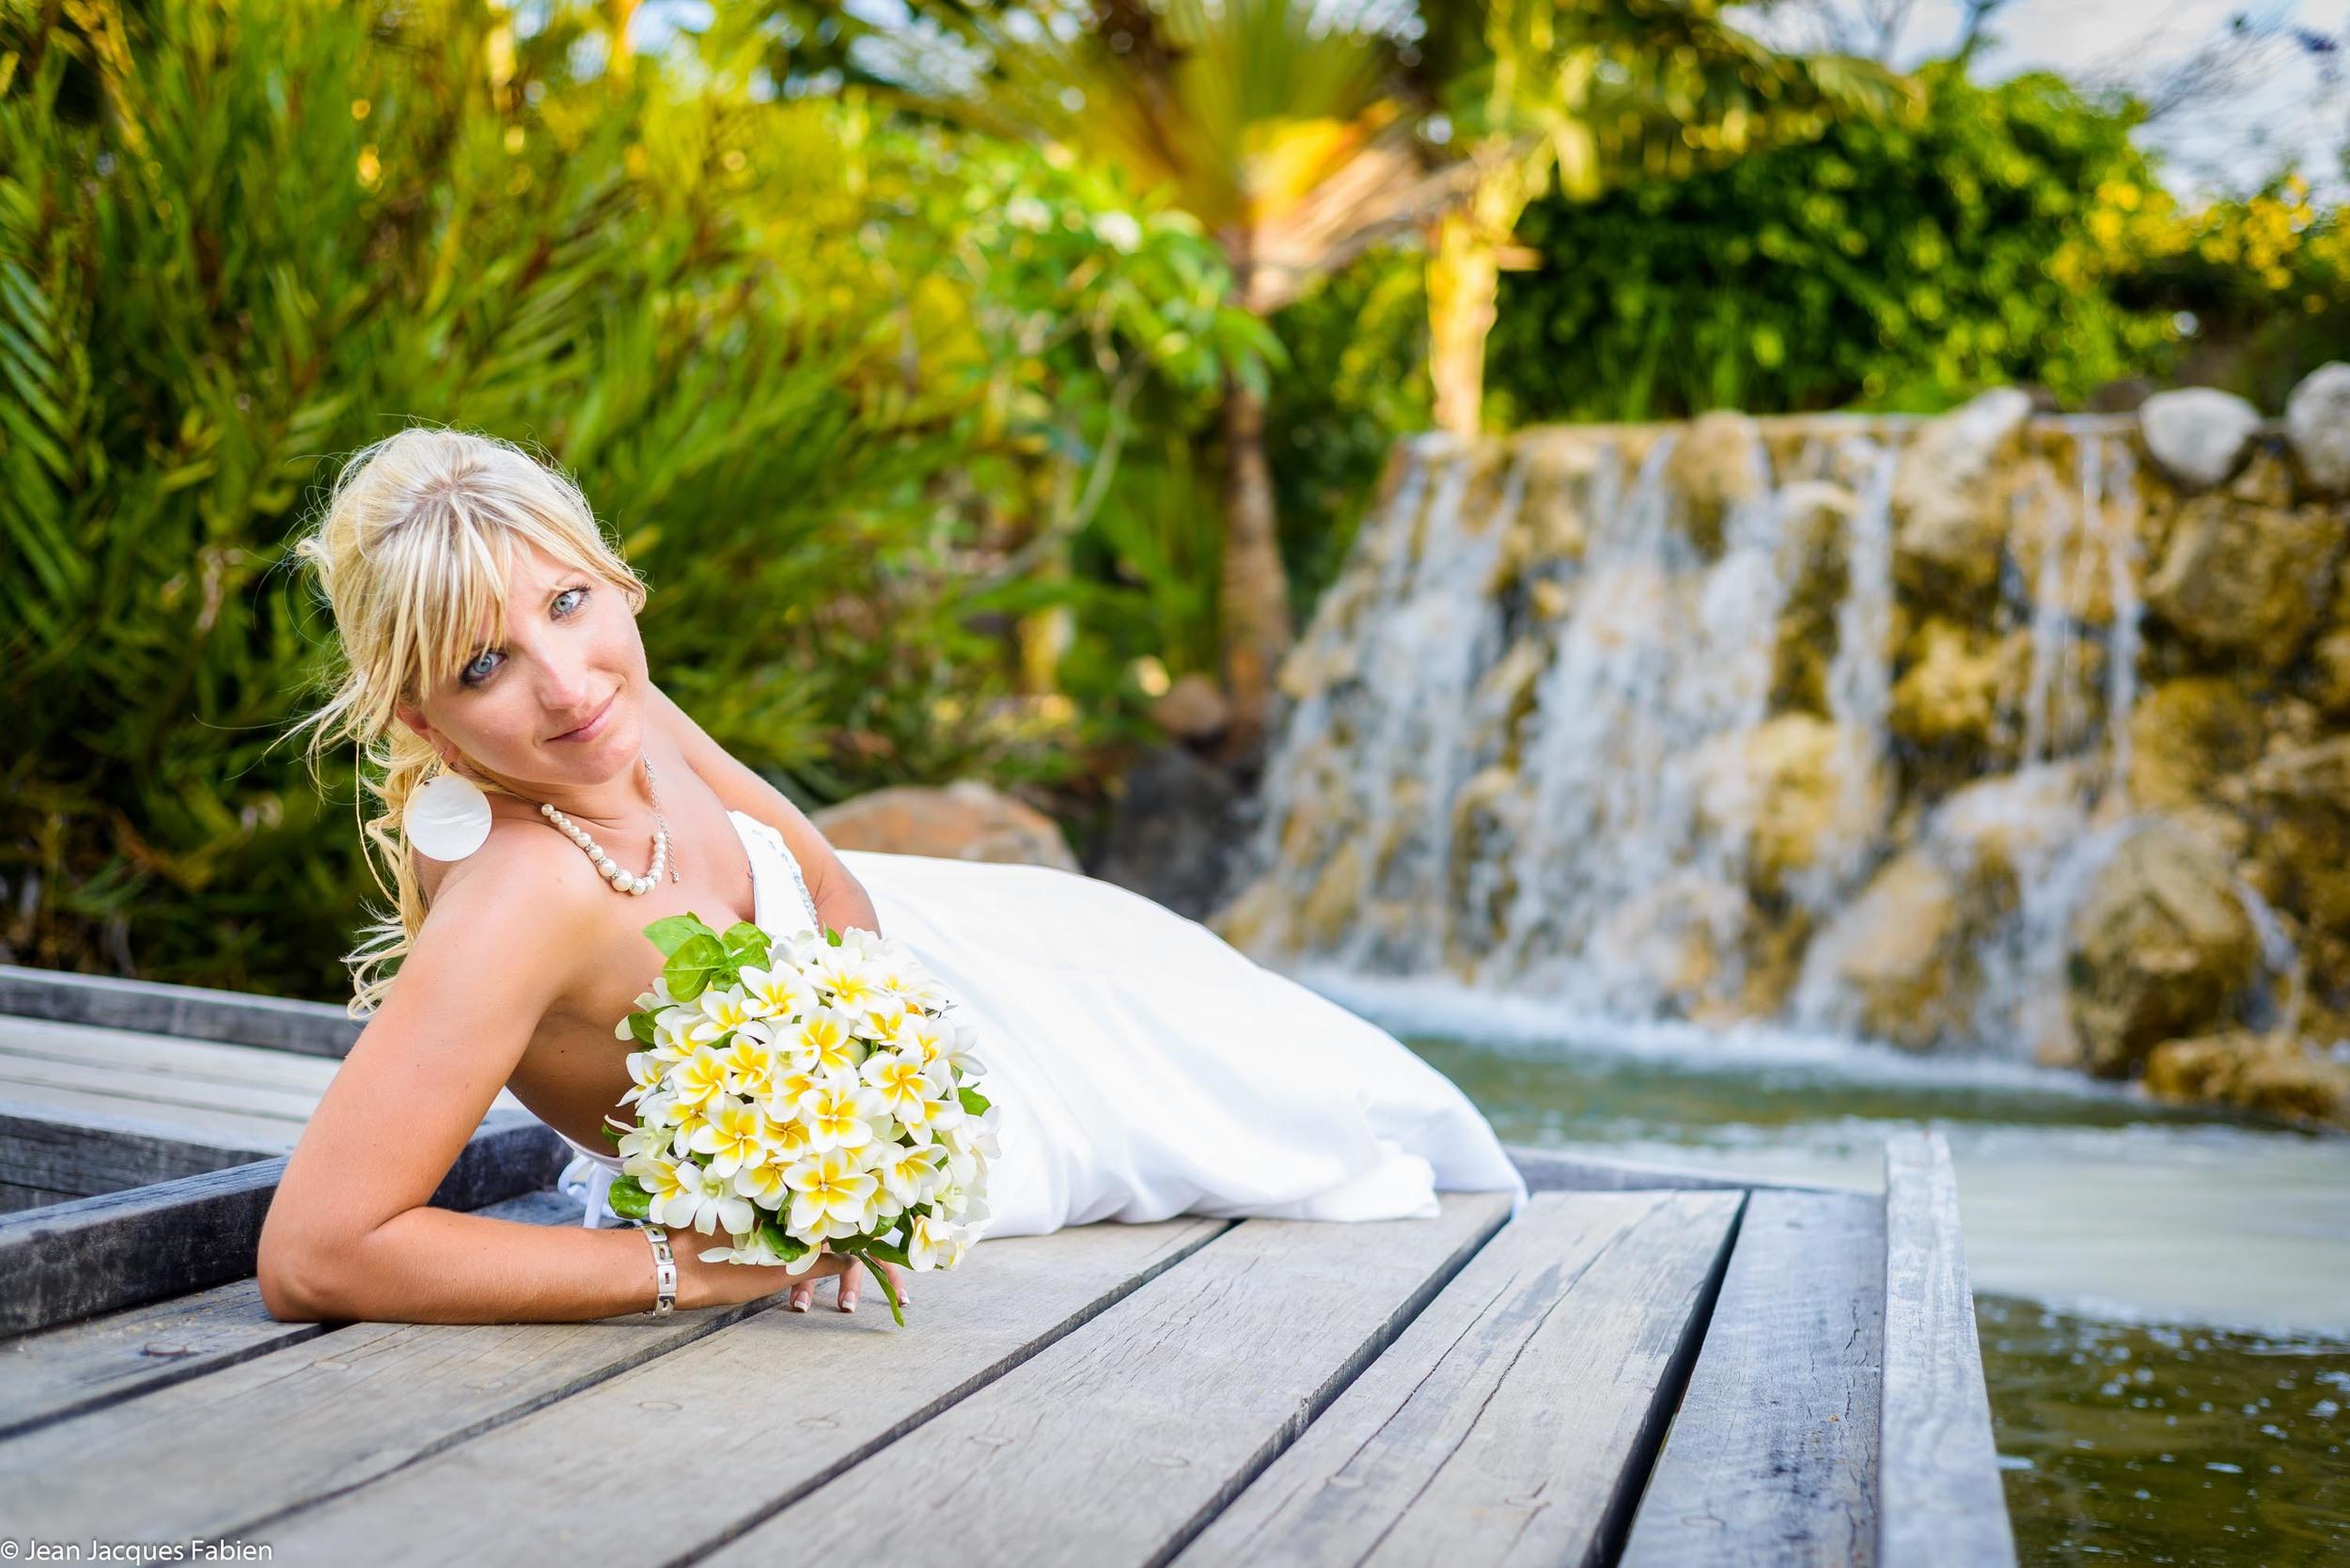 Wedding Sofitel 09-11-2012 (147 of 193).jpg